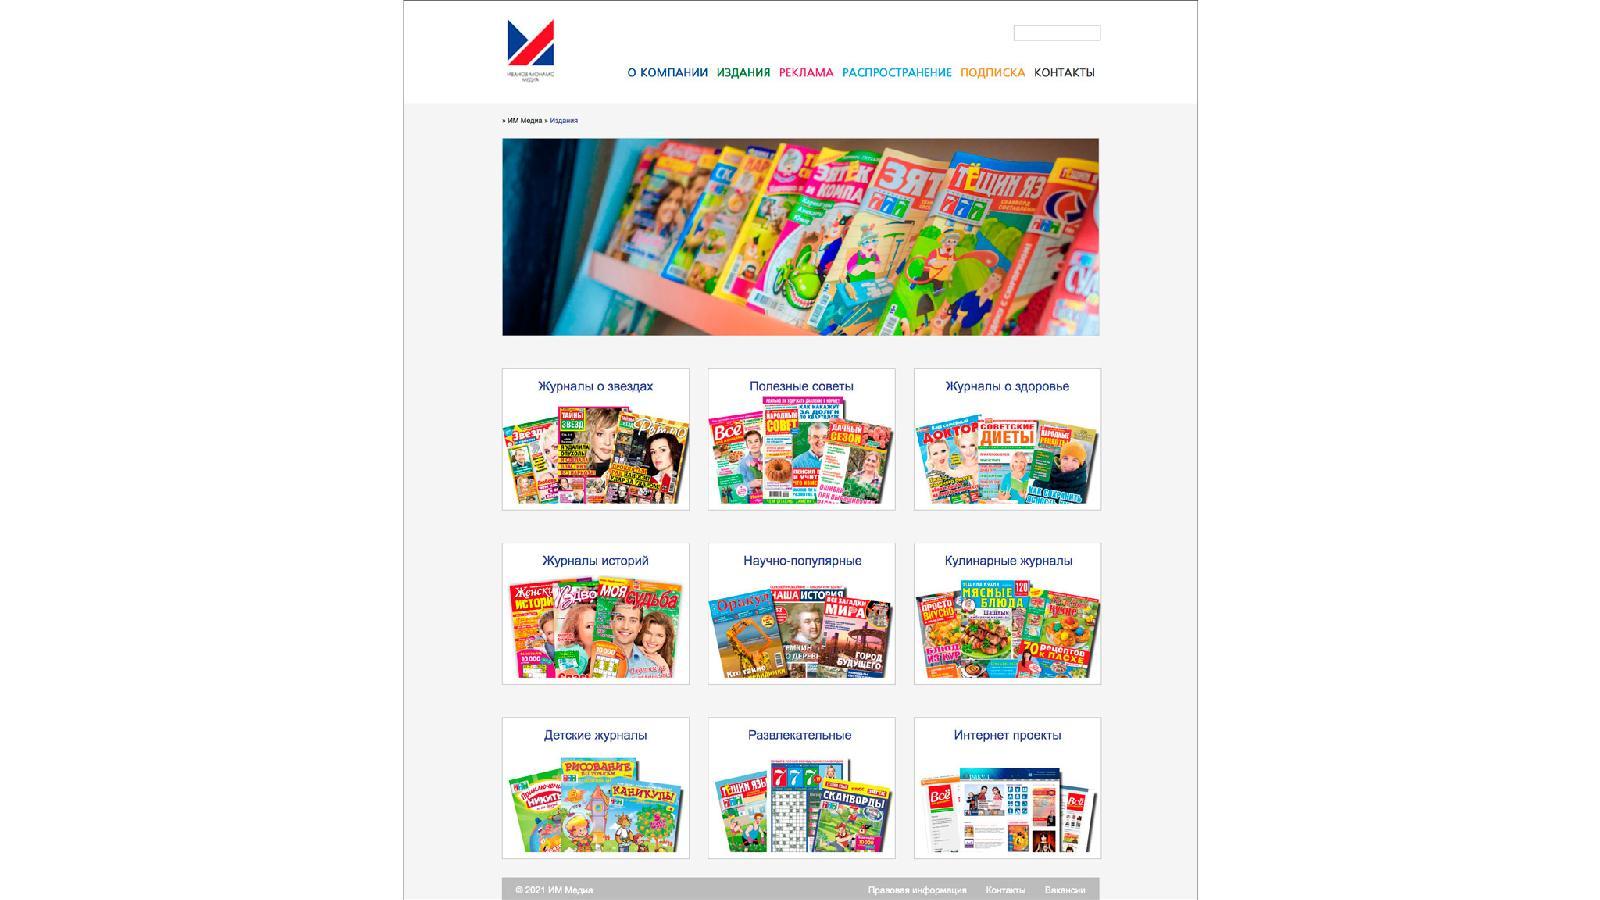 «Иванов Монамс Медиа» выпускает порядка 80 печатных изданий, общие продажи которых в 2020 году составили 80 миллионов экземпляров